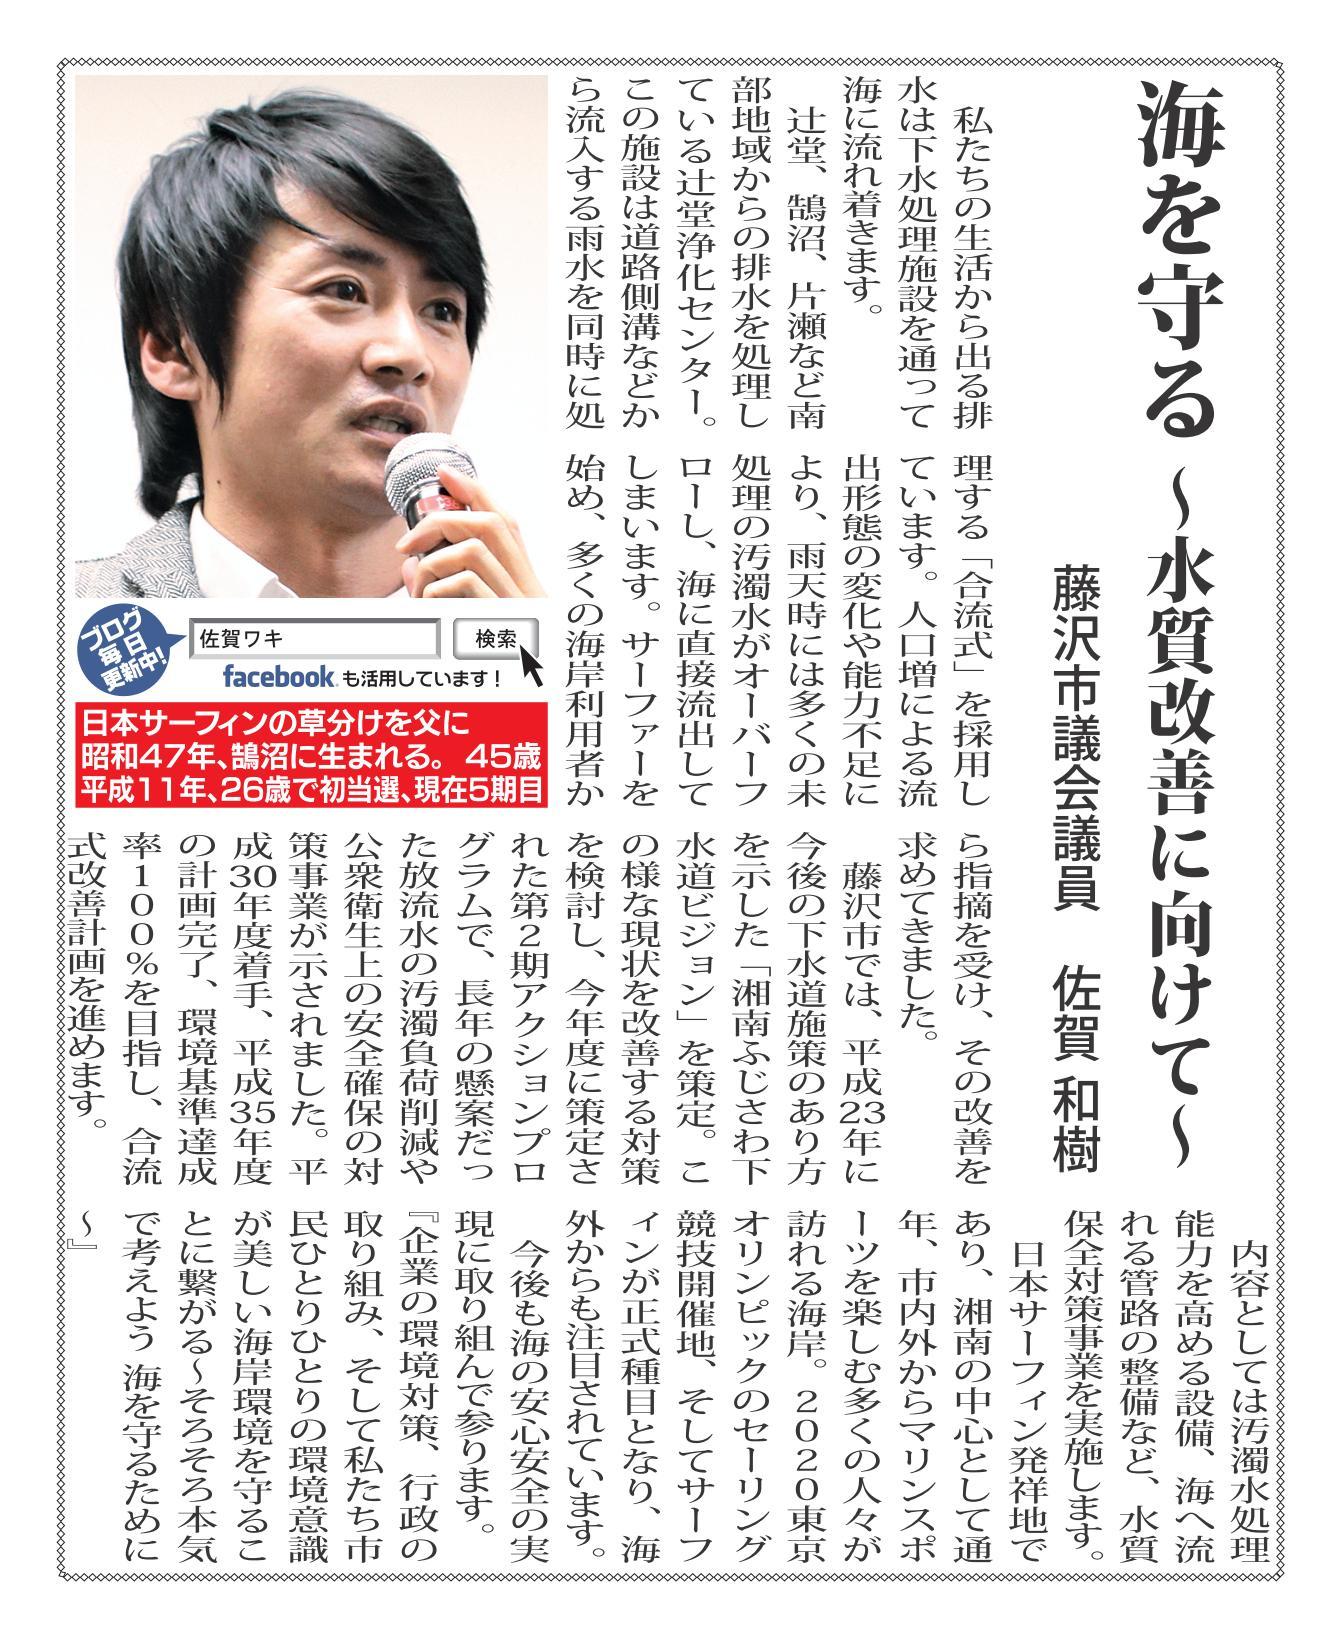 タウンニュース最終_01-2